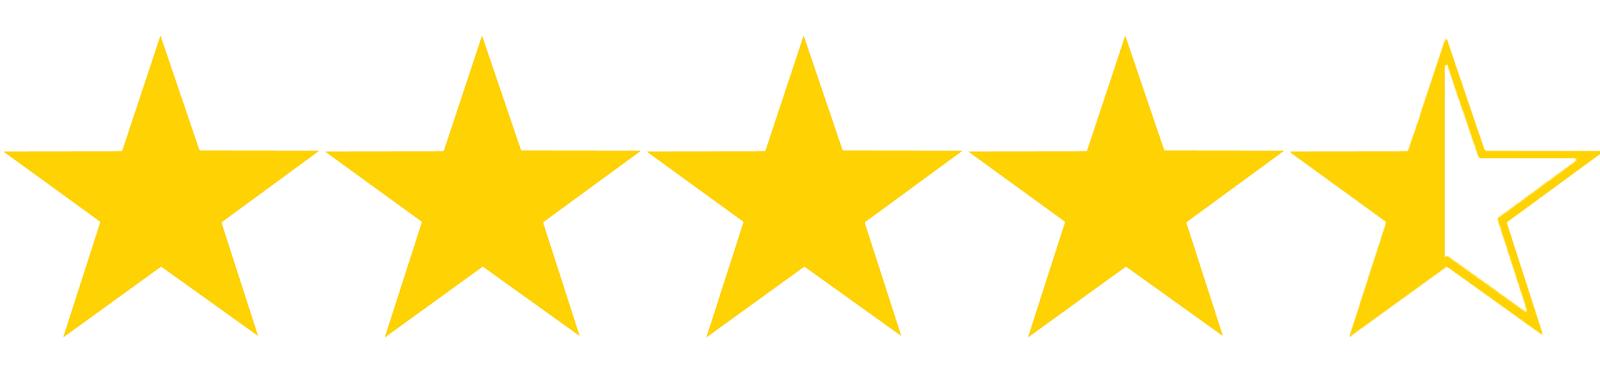 1986 - Peliculas a competición - Página 2 4.5+stars